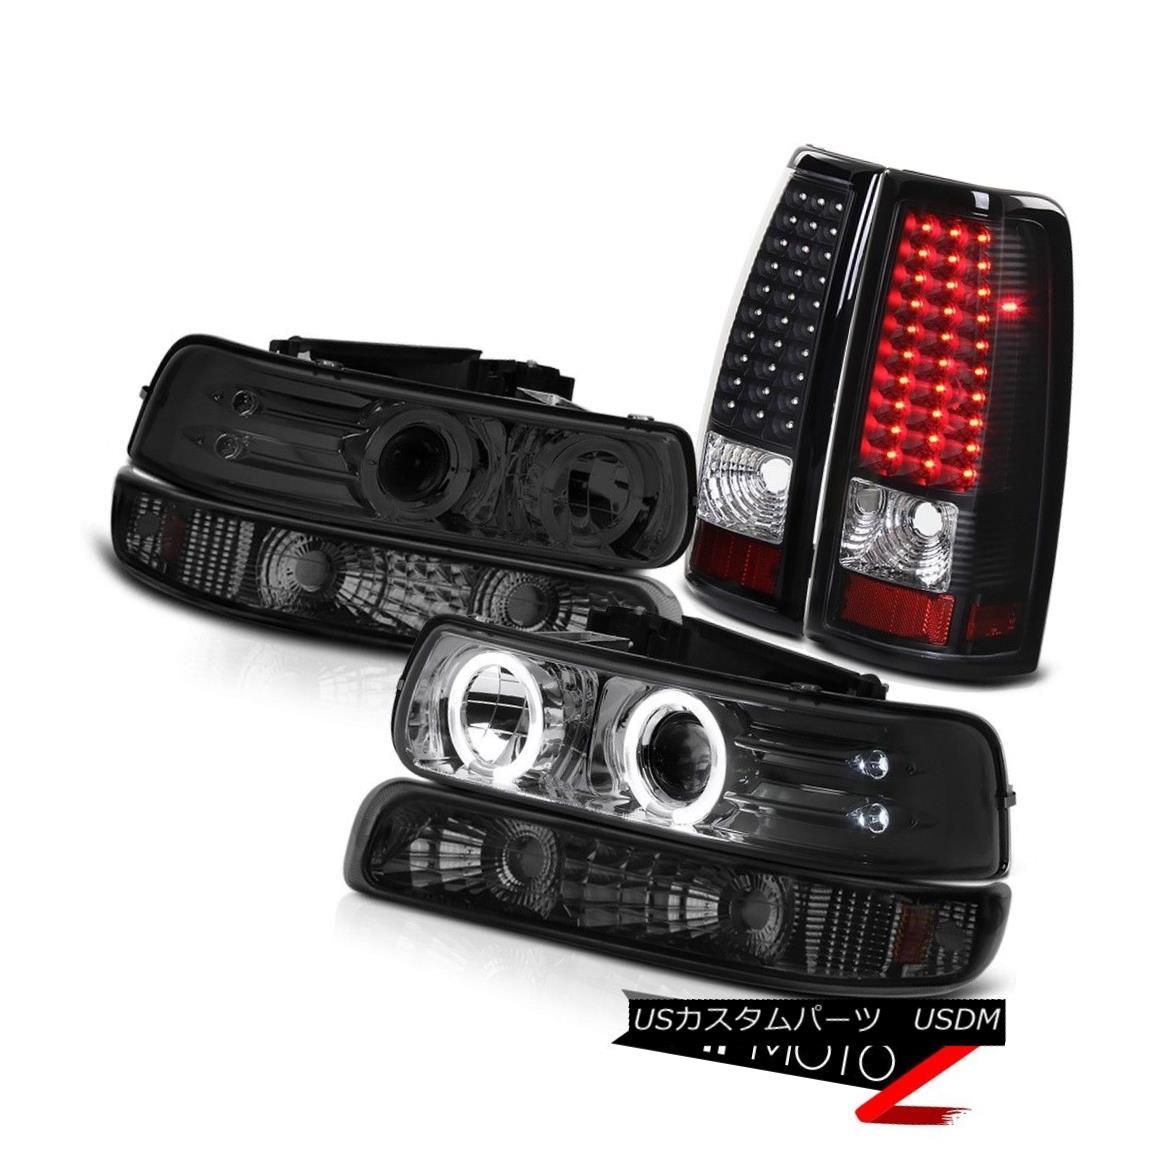 ヘッドライト 2x Halo LED Headlight Headlamps Bumper Black Taillights 1999-2002 Silverado 4WD 2x Halo LEDヘッドライトヘッドランプバンパーブラックテイルライト1999-2002シルバラード4WD